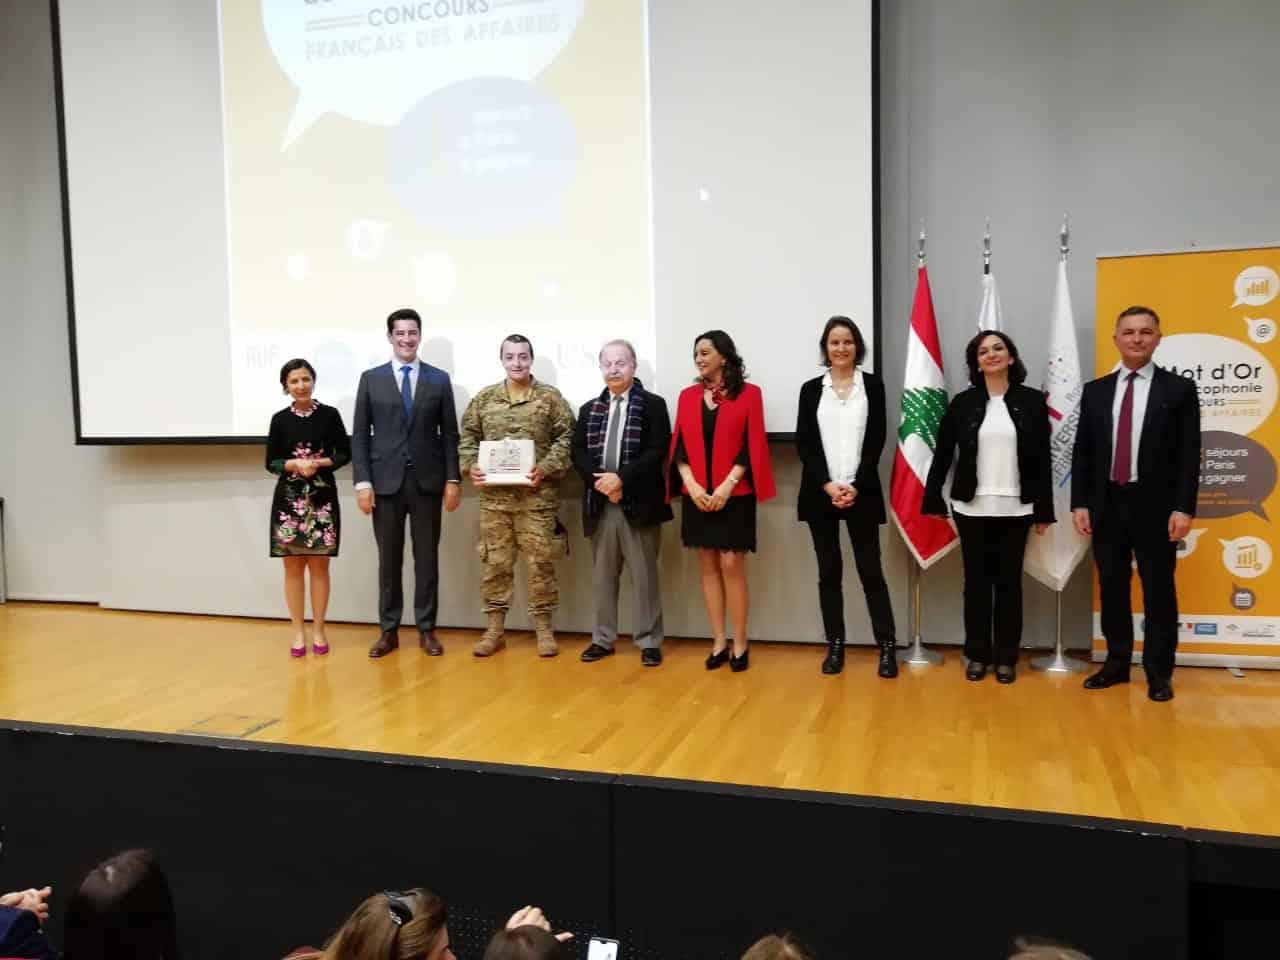 Les lauréats de la cérémonie des mots d'or de l'AUF.